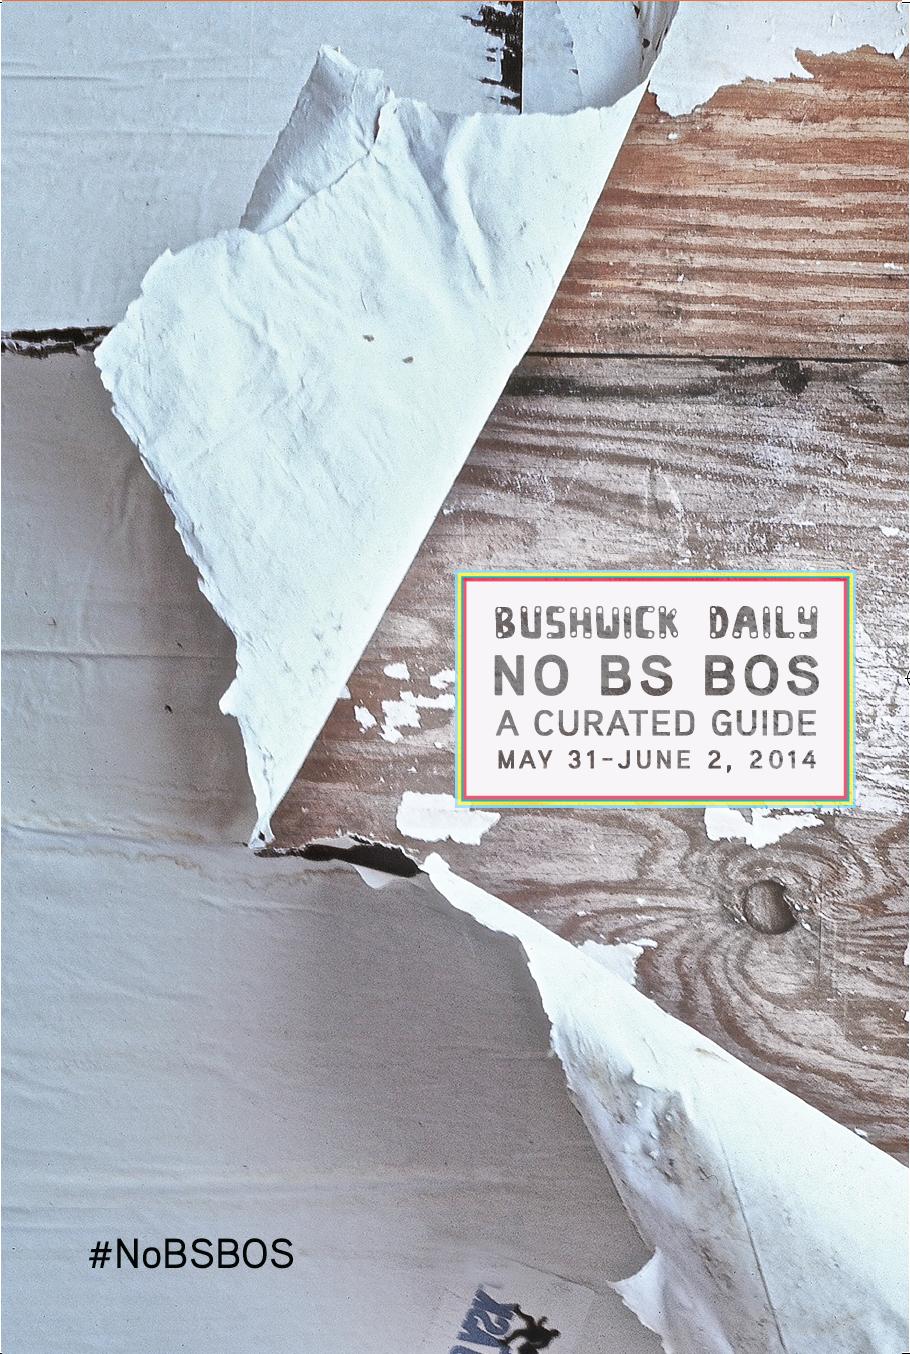 No BS B.O.S Guide